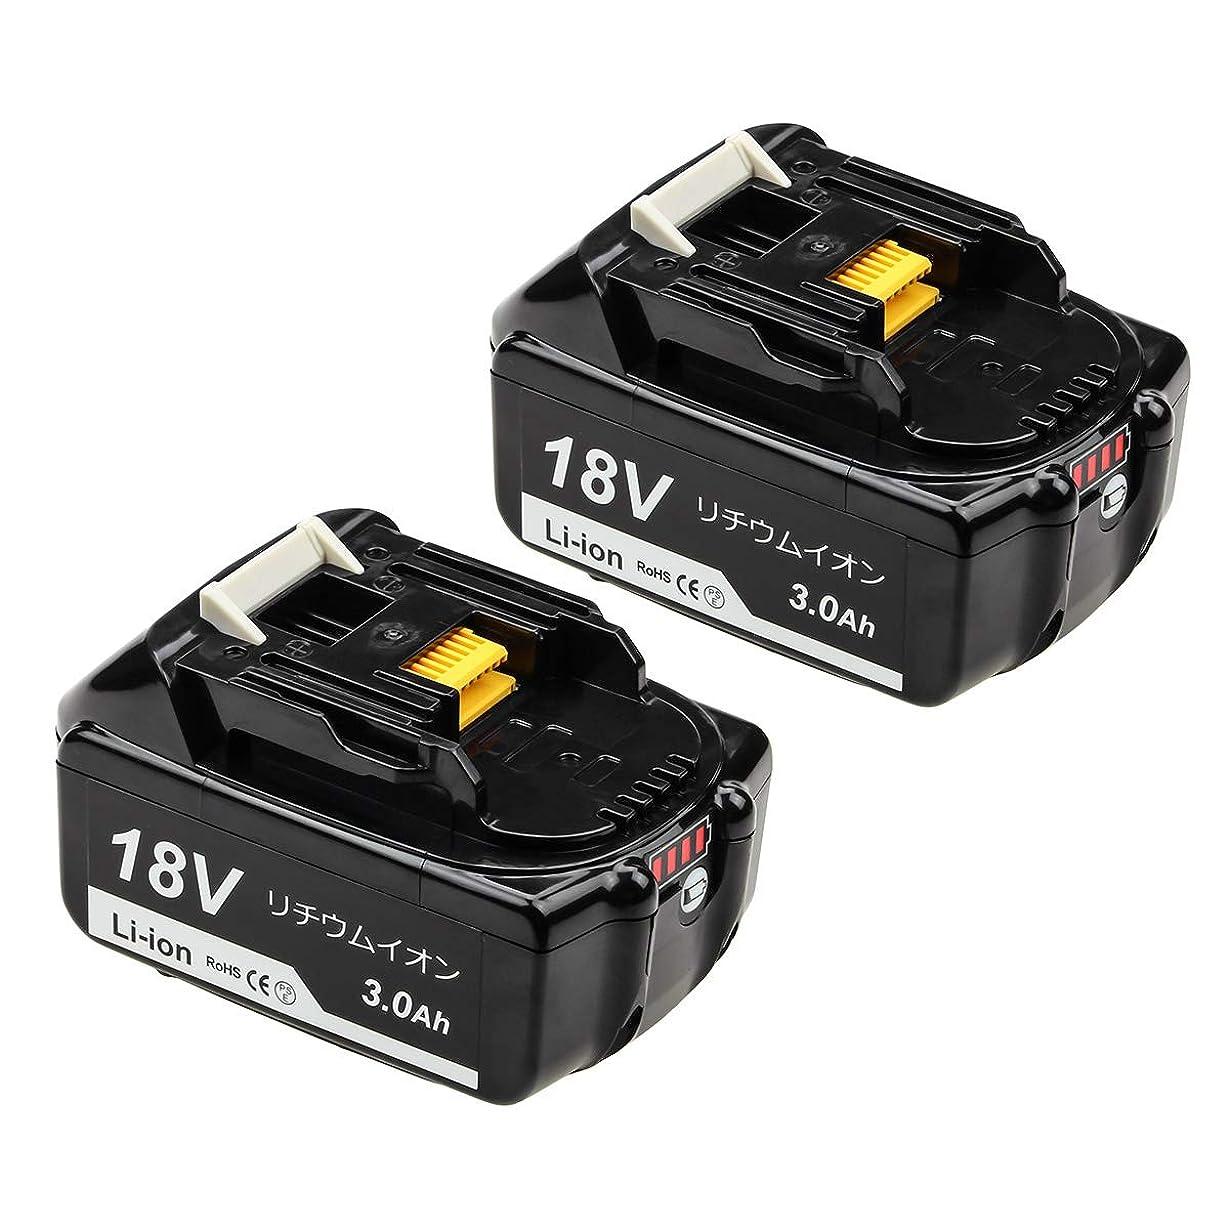 Boetpcr BL1830B 互換 18Vバッテリー3.0ah マキタ互換バッテリーbl1830b 2個セットbl1830 bl1840 bl1850 bl1860 対応 長期1年保証